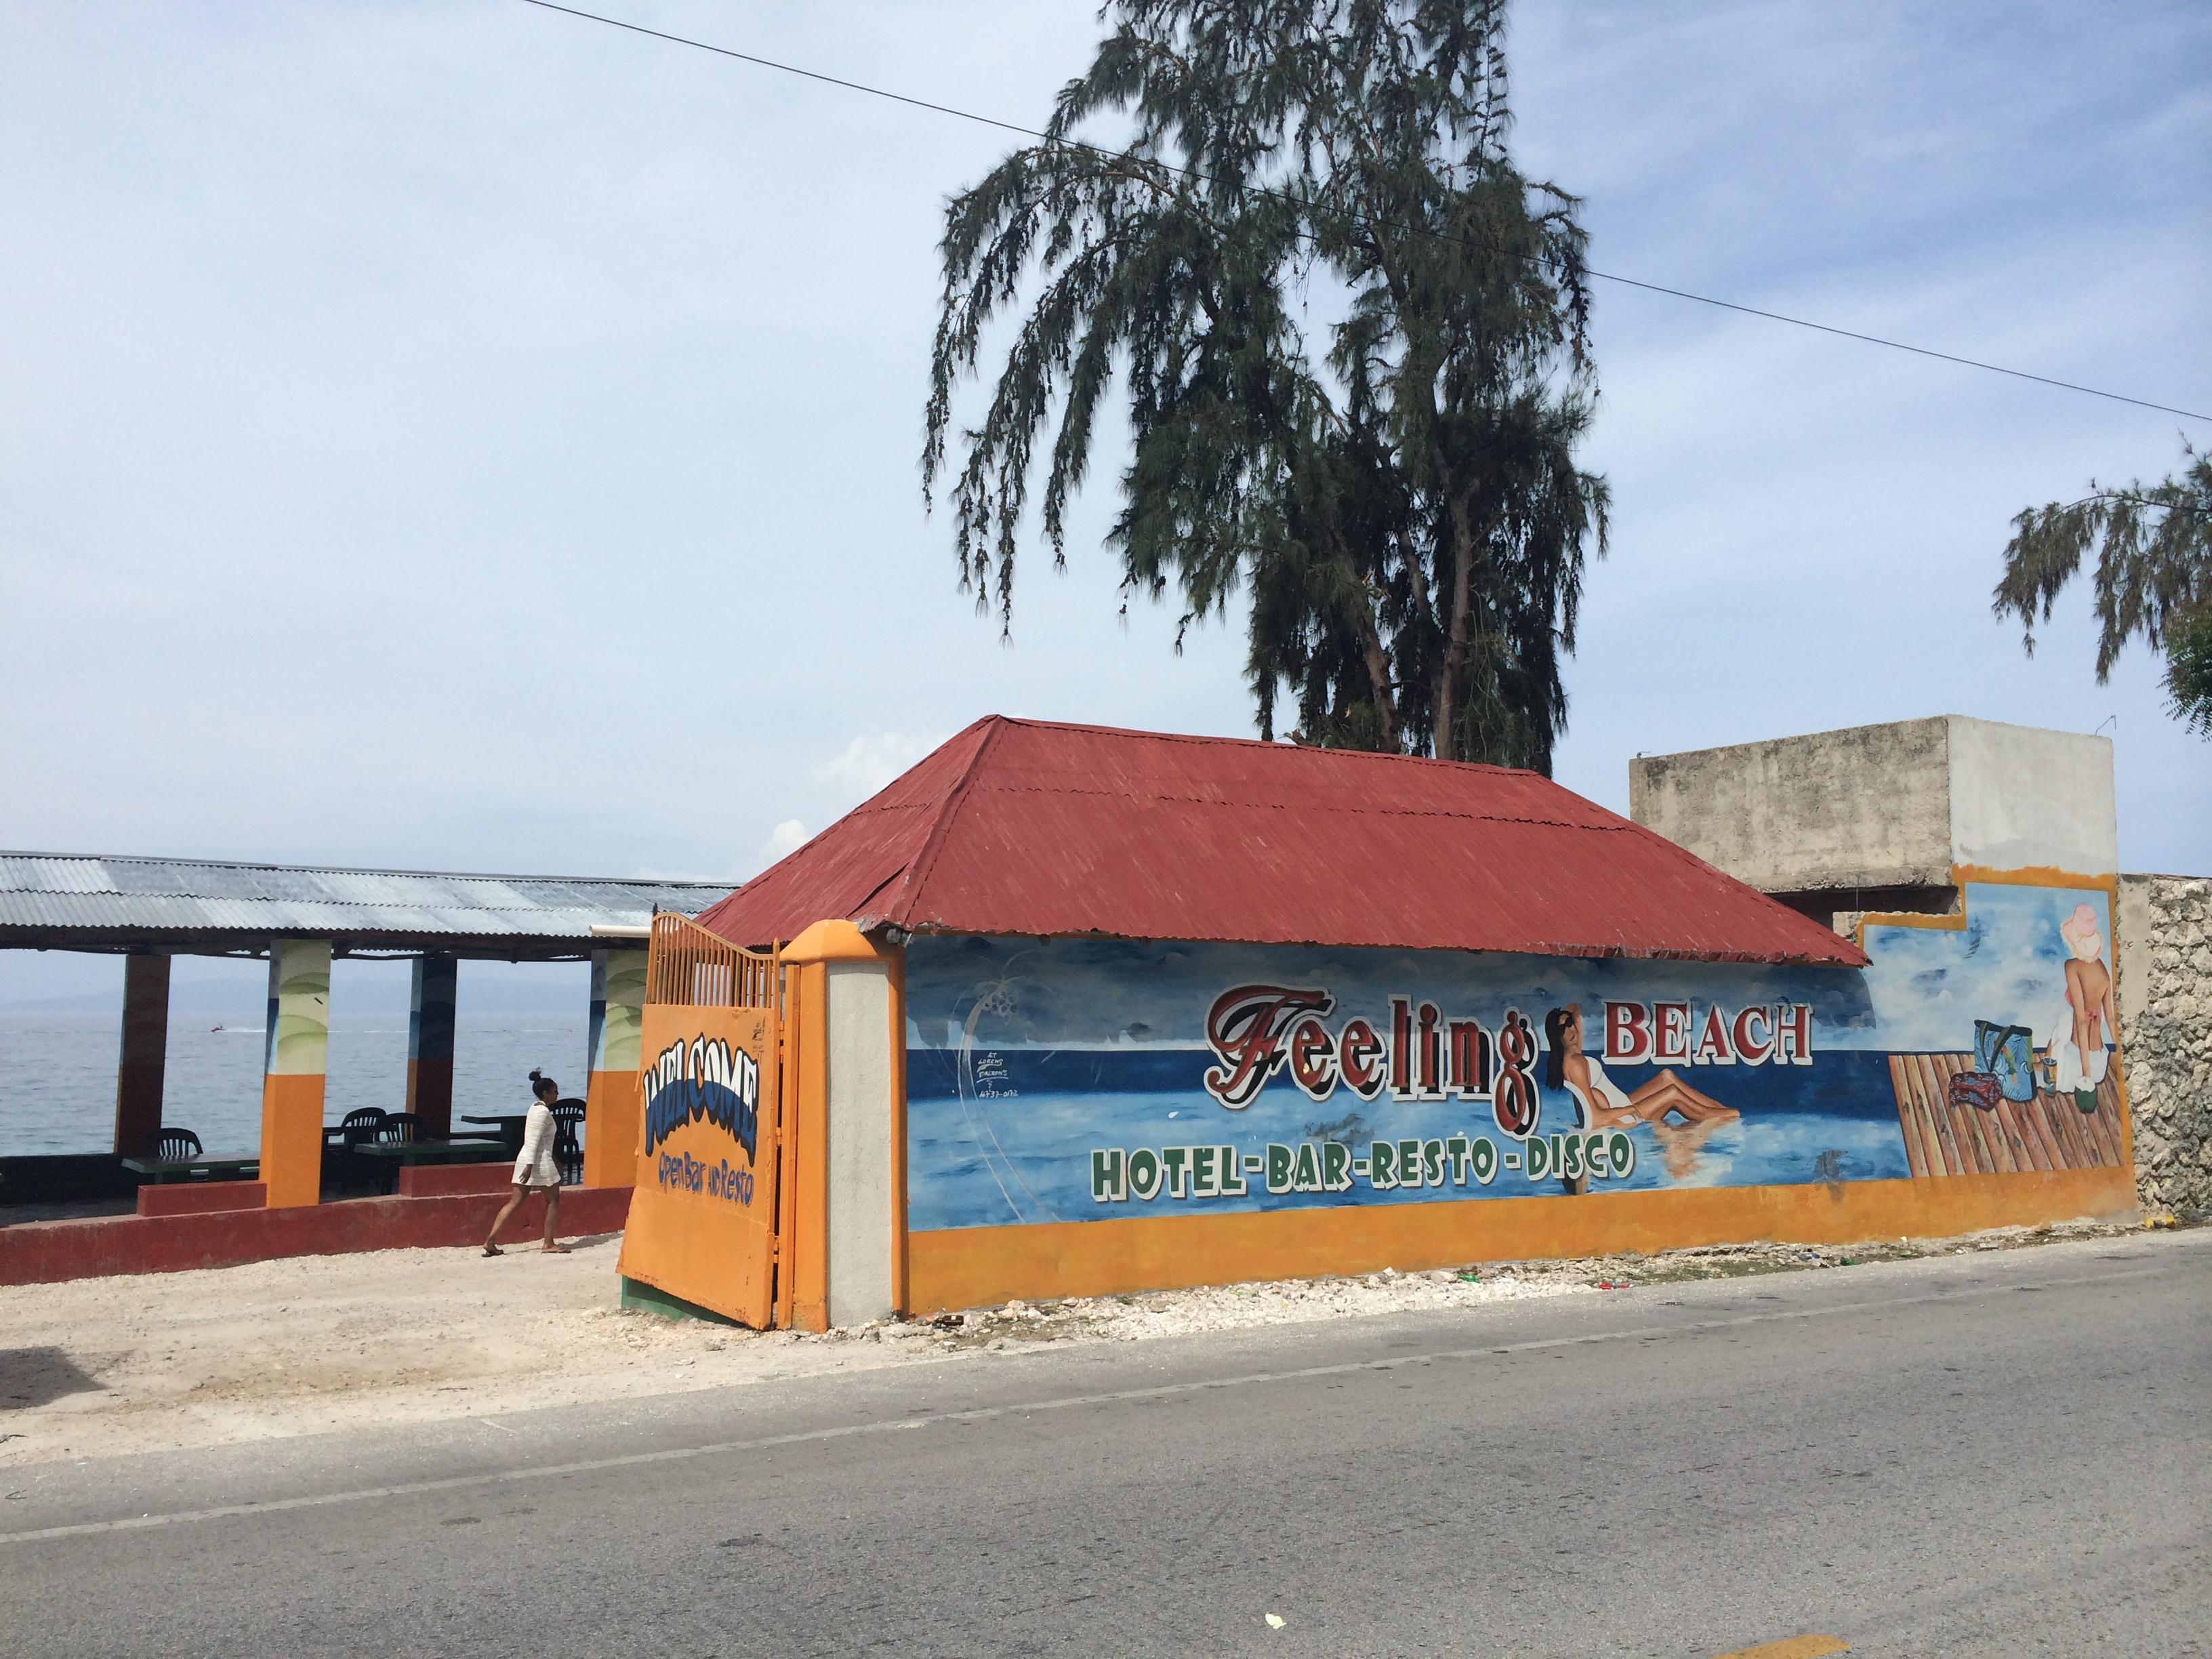 2015, Haiti, TWA, Third World Awareness, volunteers. charity, beach